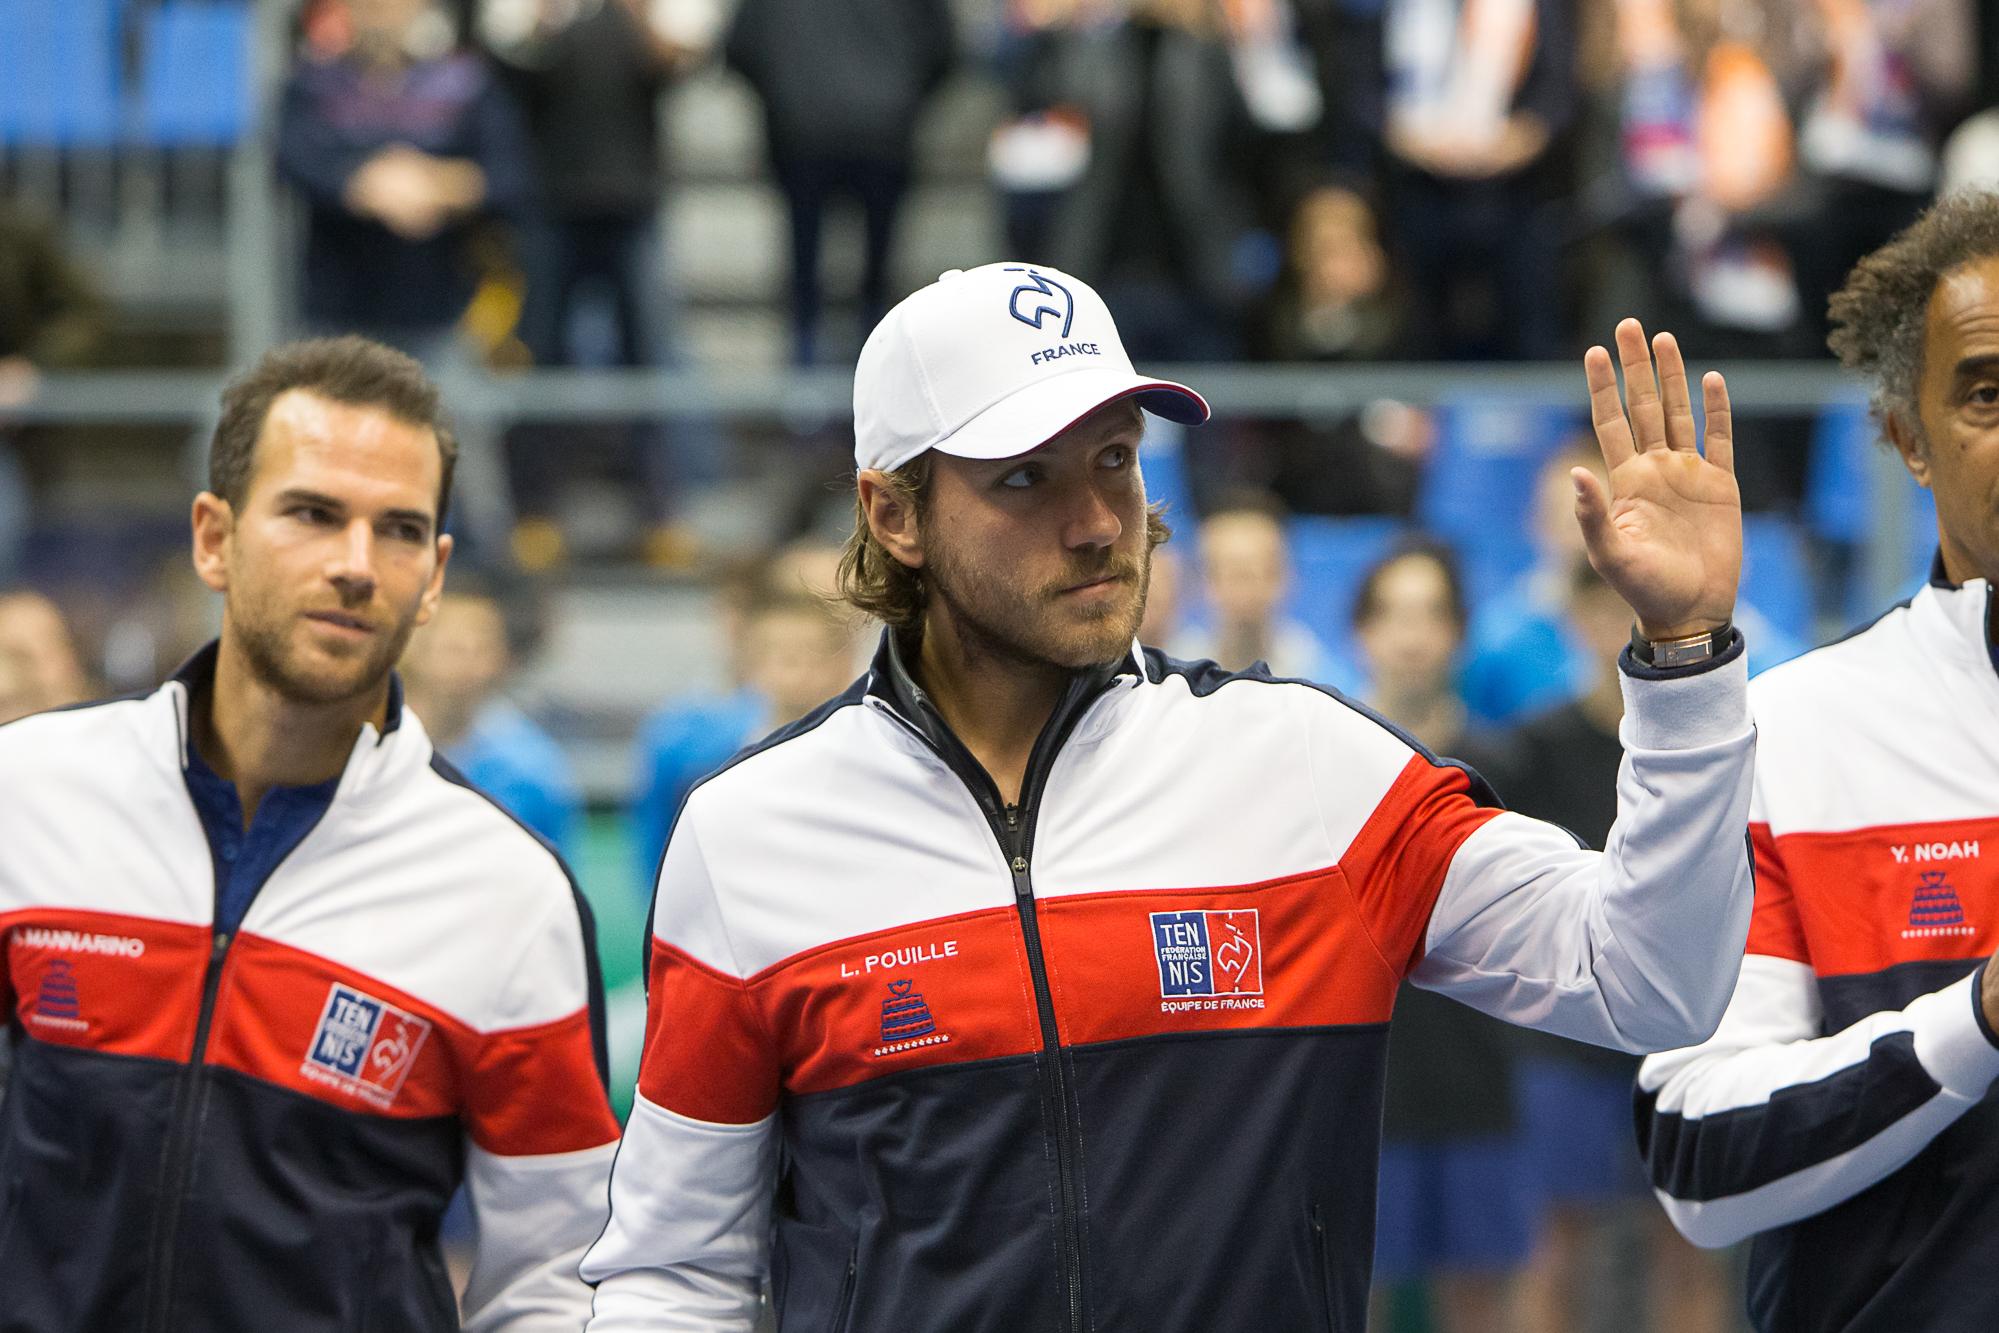 Tennis - Coupe Davis - Réforme de la Coupe Davis : Pour Pouille, c'est une «peine de mort»